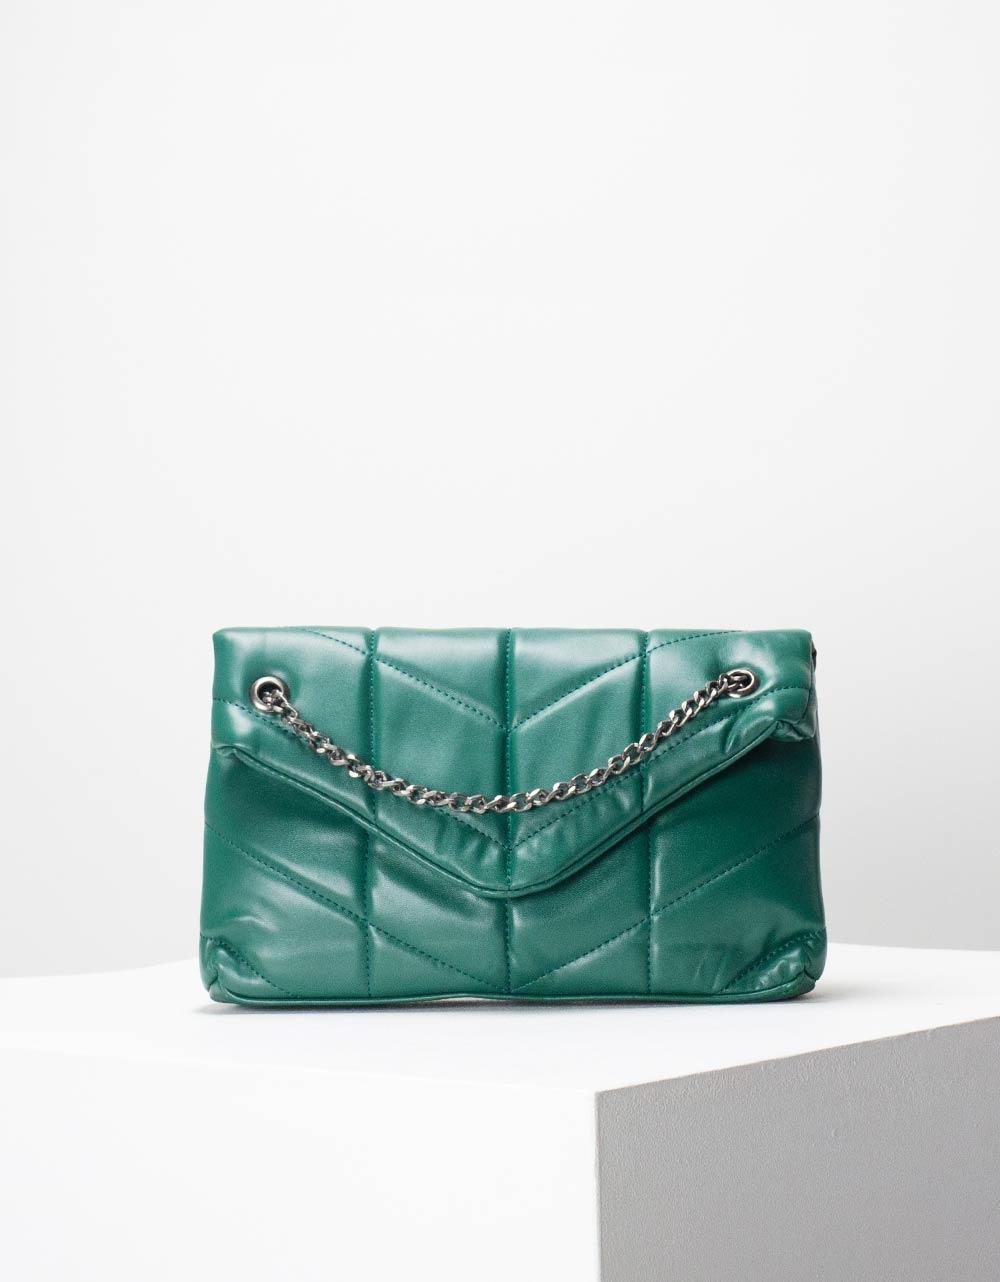 Εικόνα από Γυναικεία τσάντα ώμου & χιαστί καπιτονέ με αλυσίδα Πράσινο